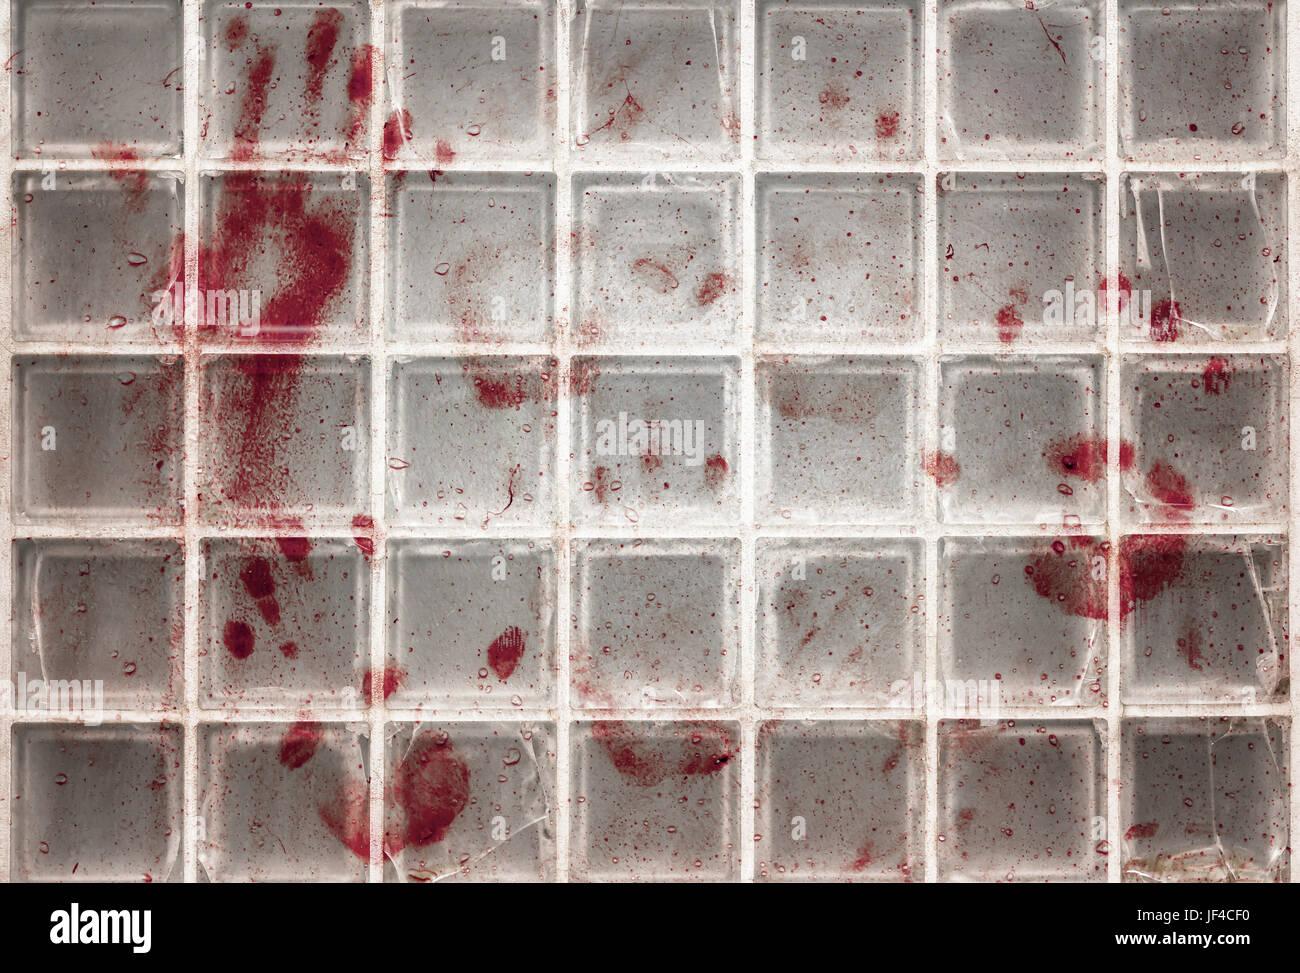 Les empreintes sanglantes sur la vitre Photo Stock